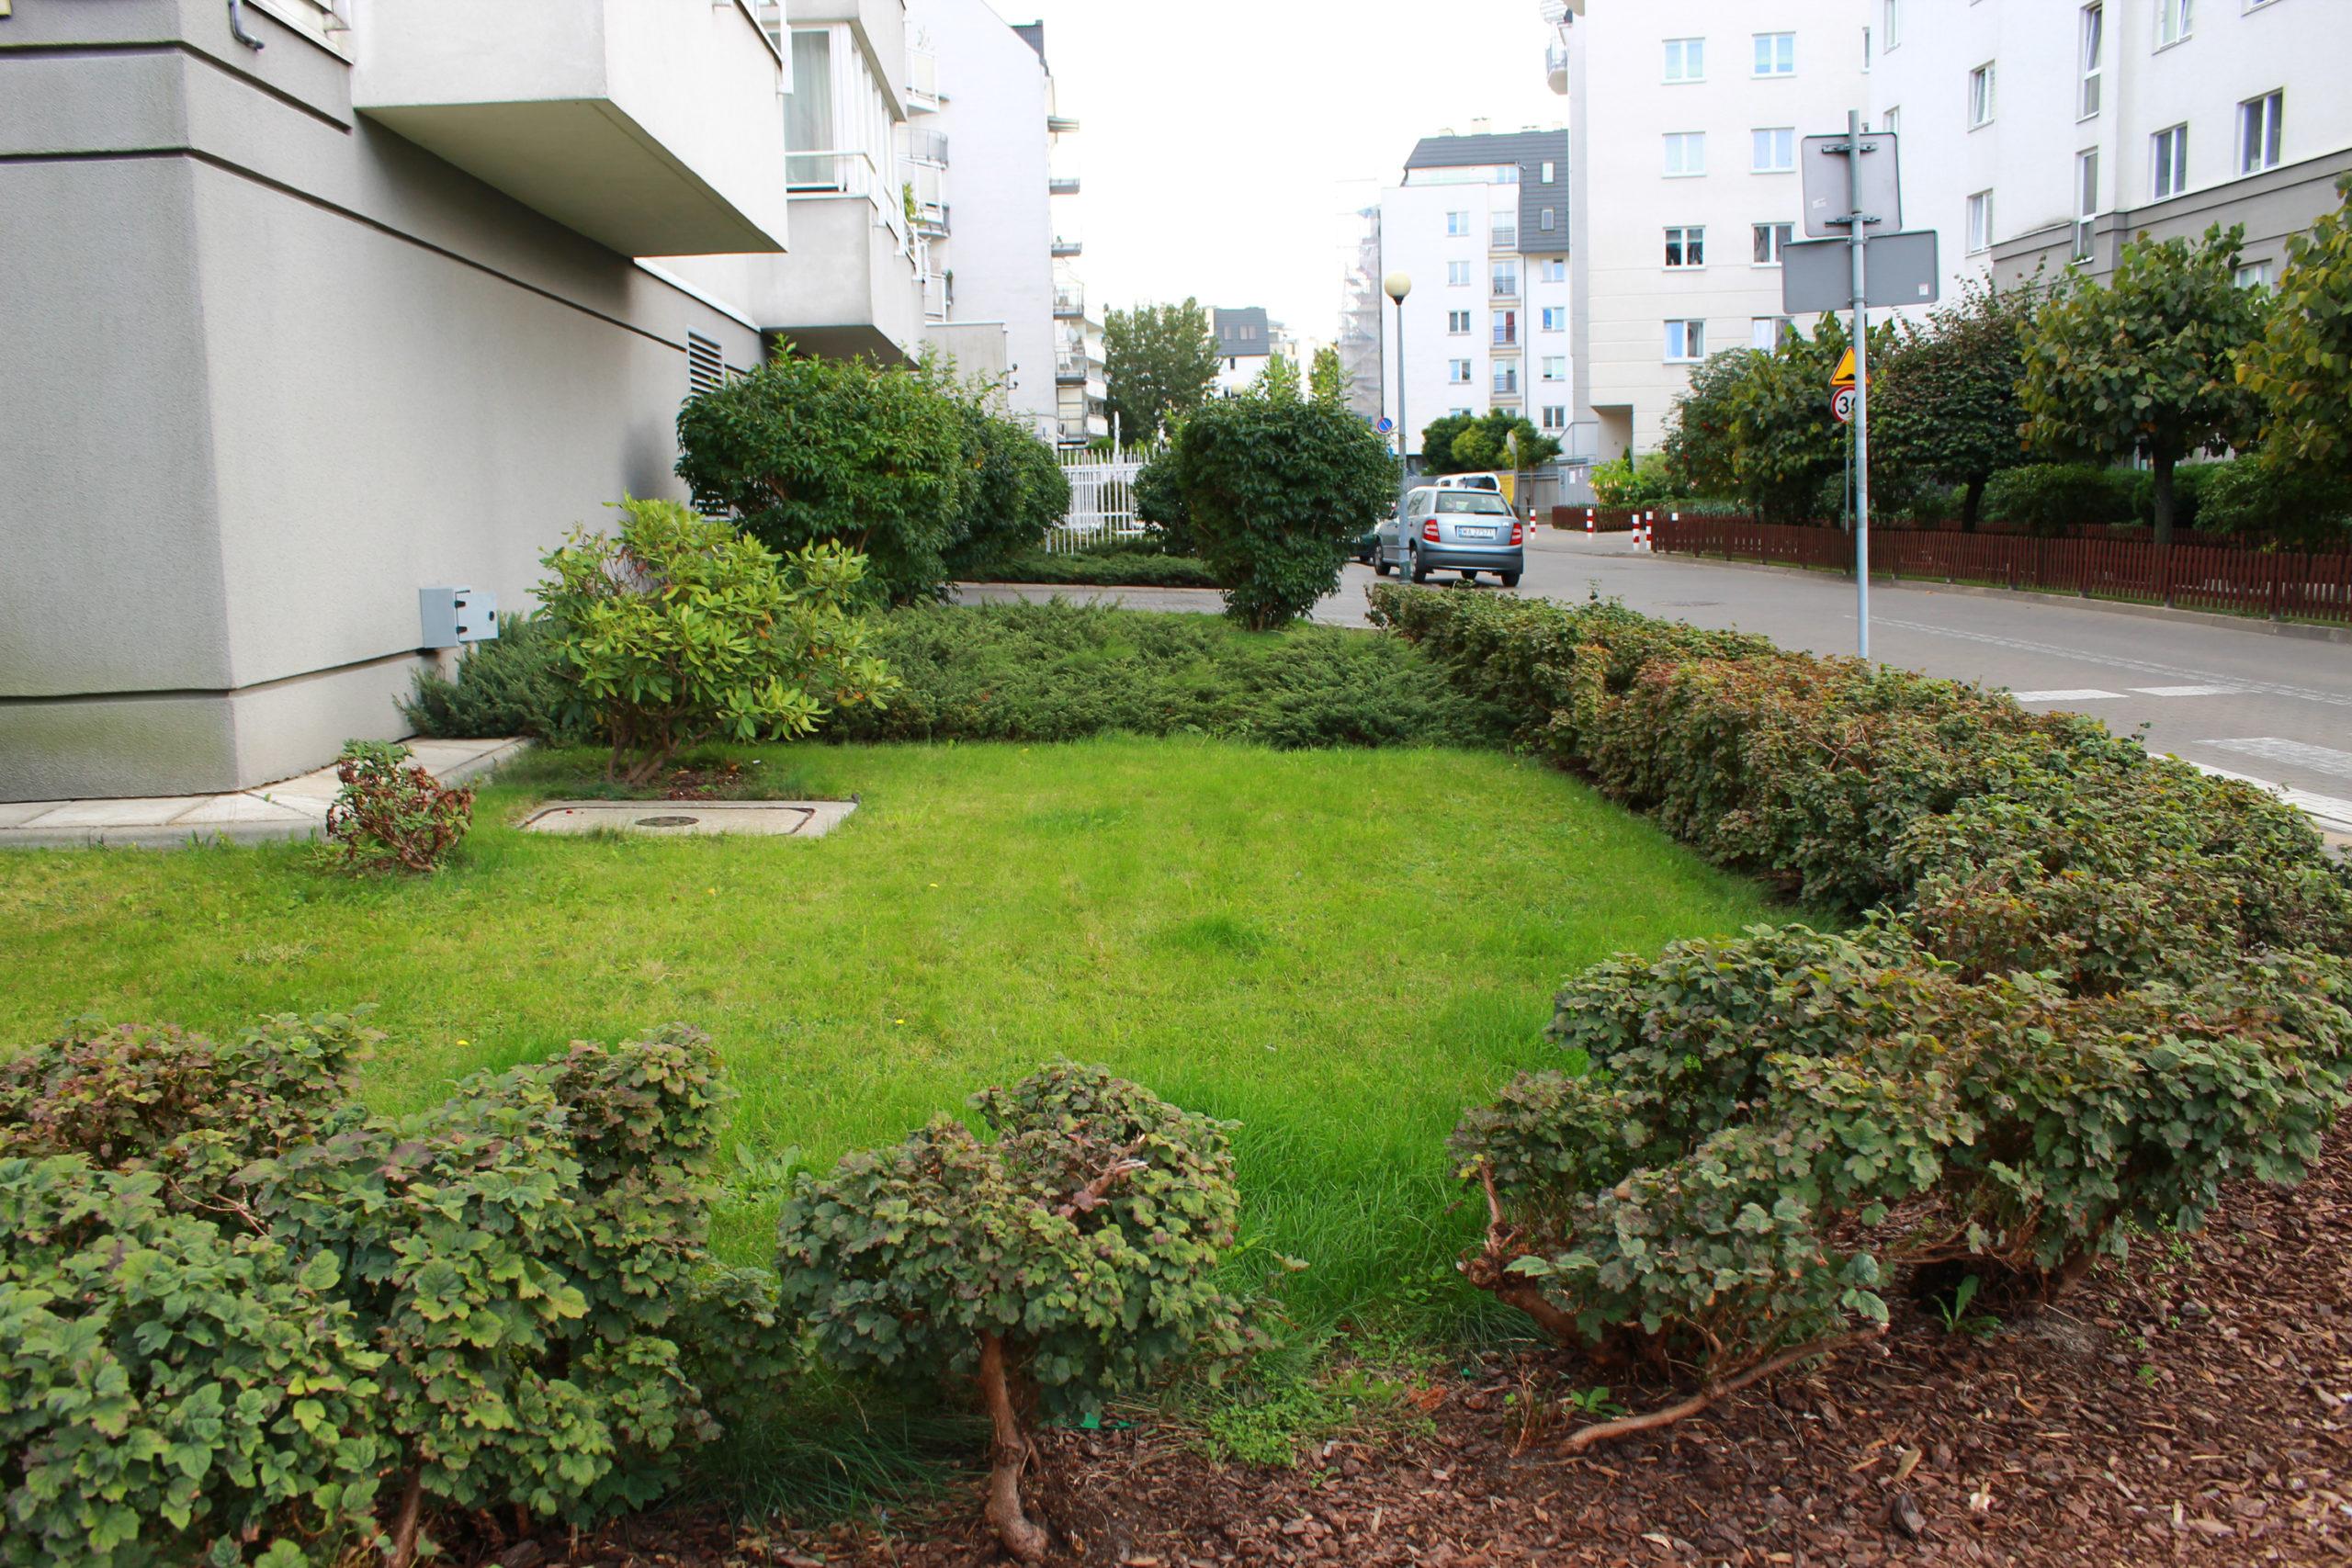 miejski ogródek przy budynku